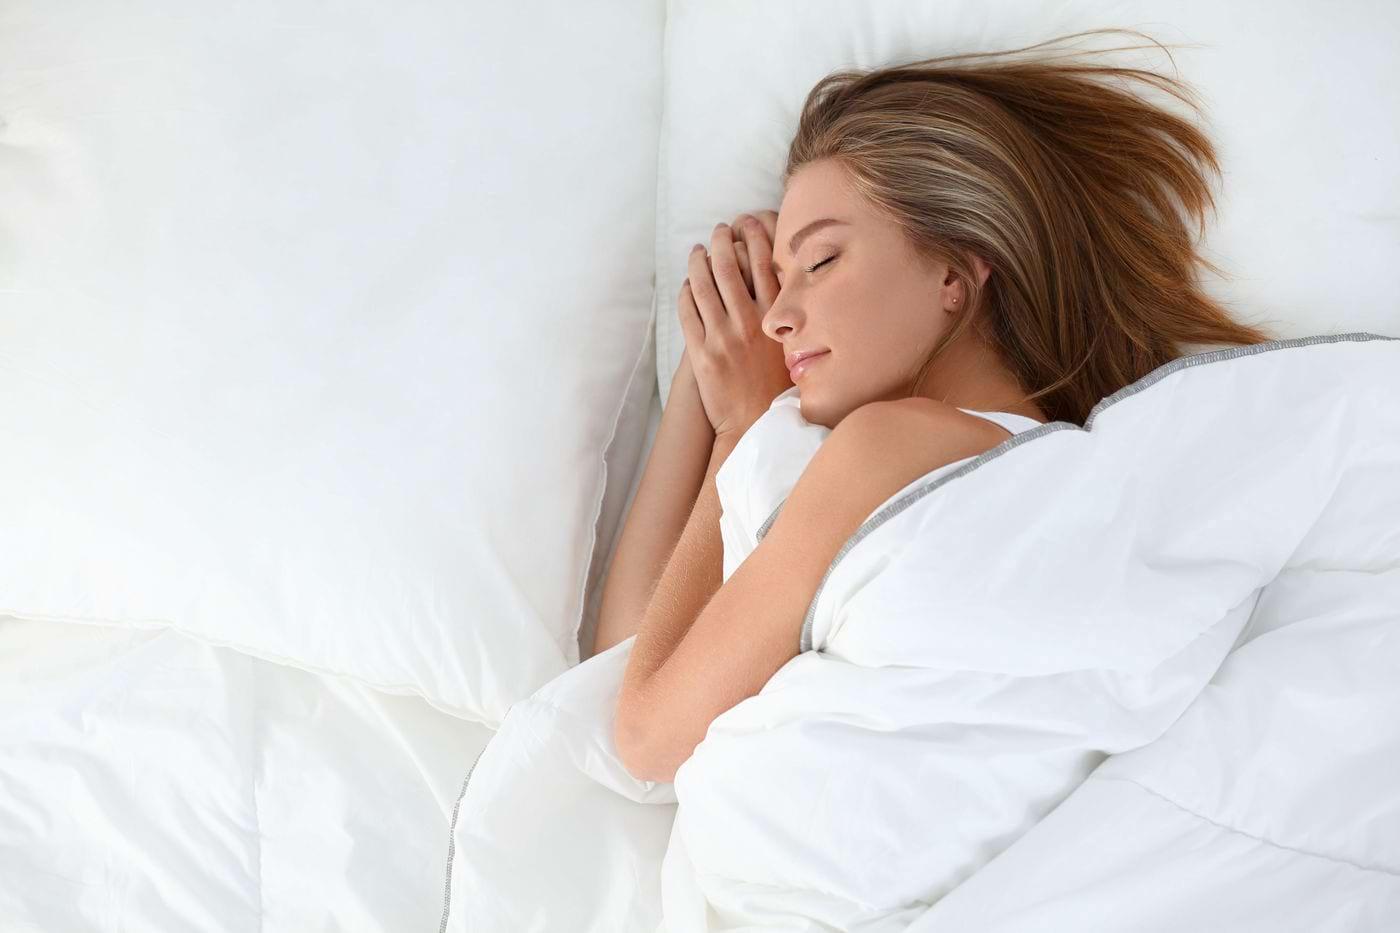 Persoanele optimiste dorm mai bine [studiu]